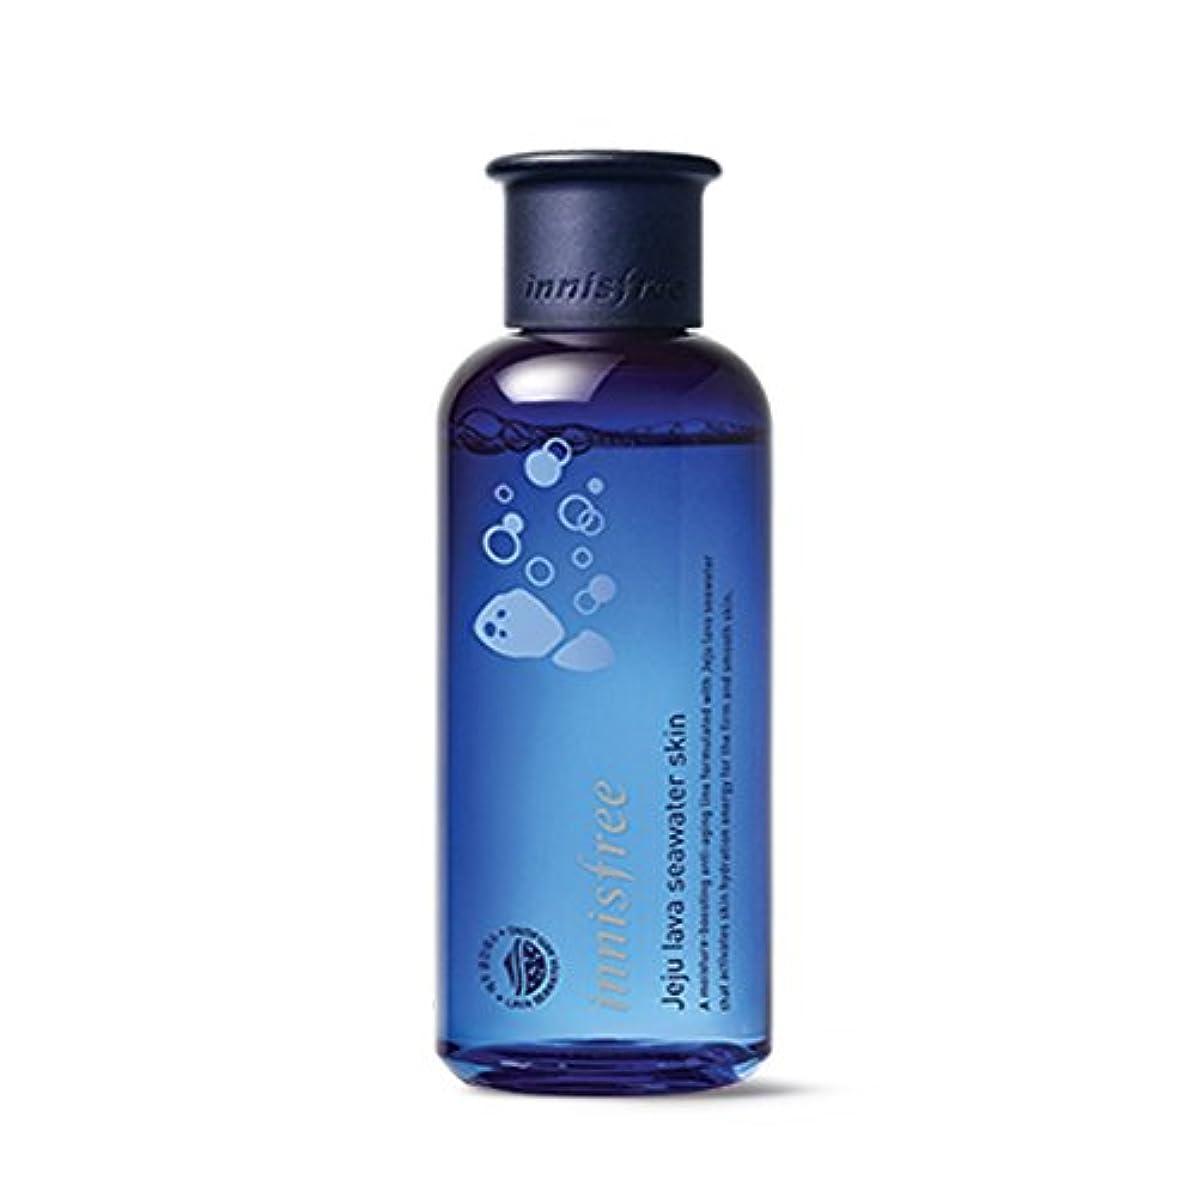 イニスフリージェジュラブシーウォータースキン(トナー)200ml Innisfree Jeju Lava Seawater Skin(Toner) 200ml [外直送品][並行輸入品]